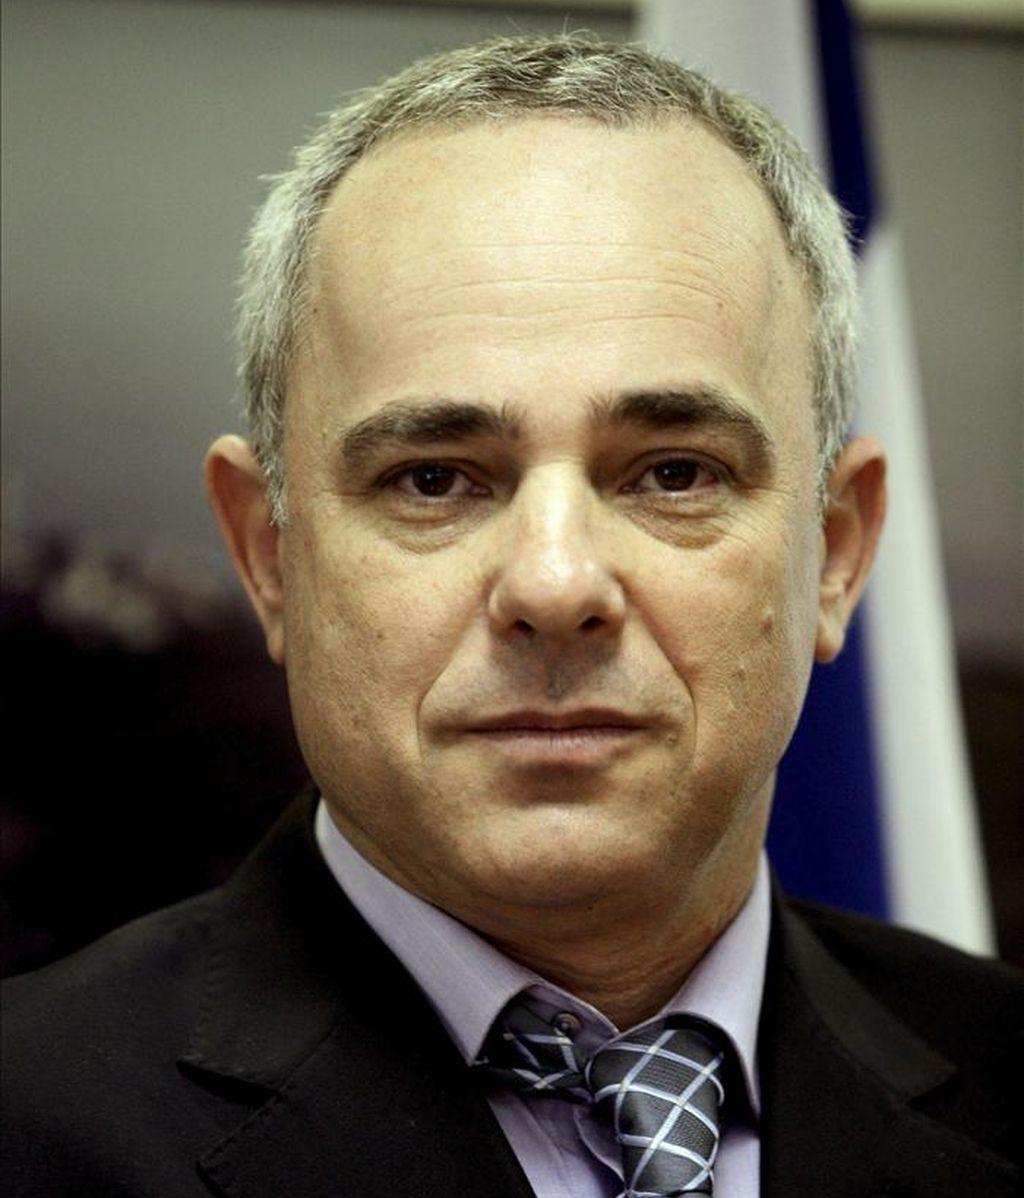 El ministro israelí de Finanzas, Yuval Steinitz. EFE/Archivo